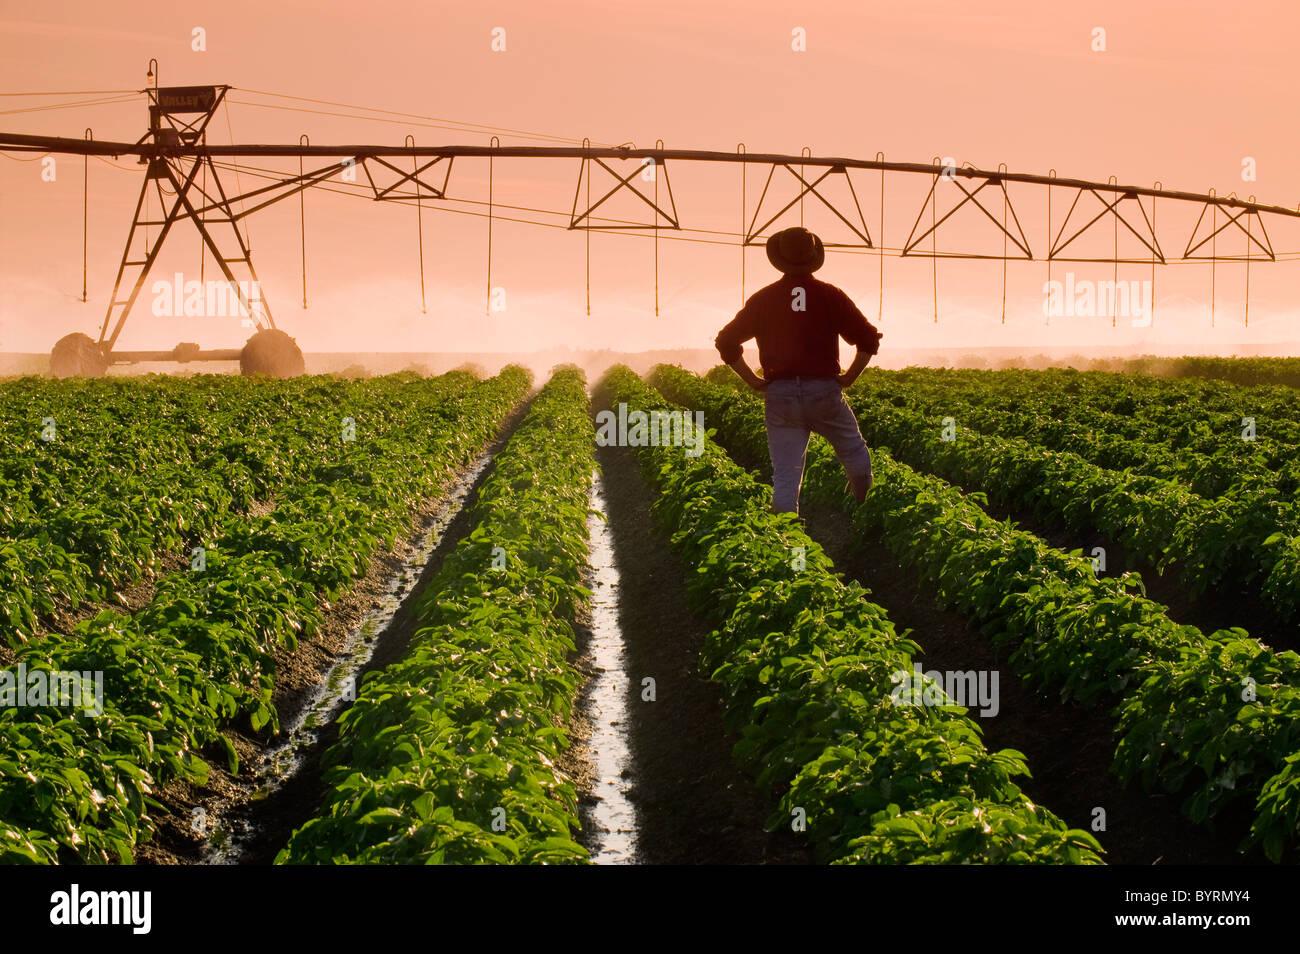 Ein Bauer steht in seiner Mitte Wachstum Kartoffelfeld ein Zentrum Pivot-Bewässerung-System in Betrieb im späten Stockbild